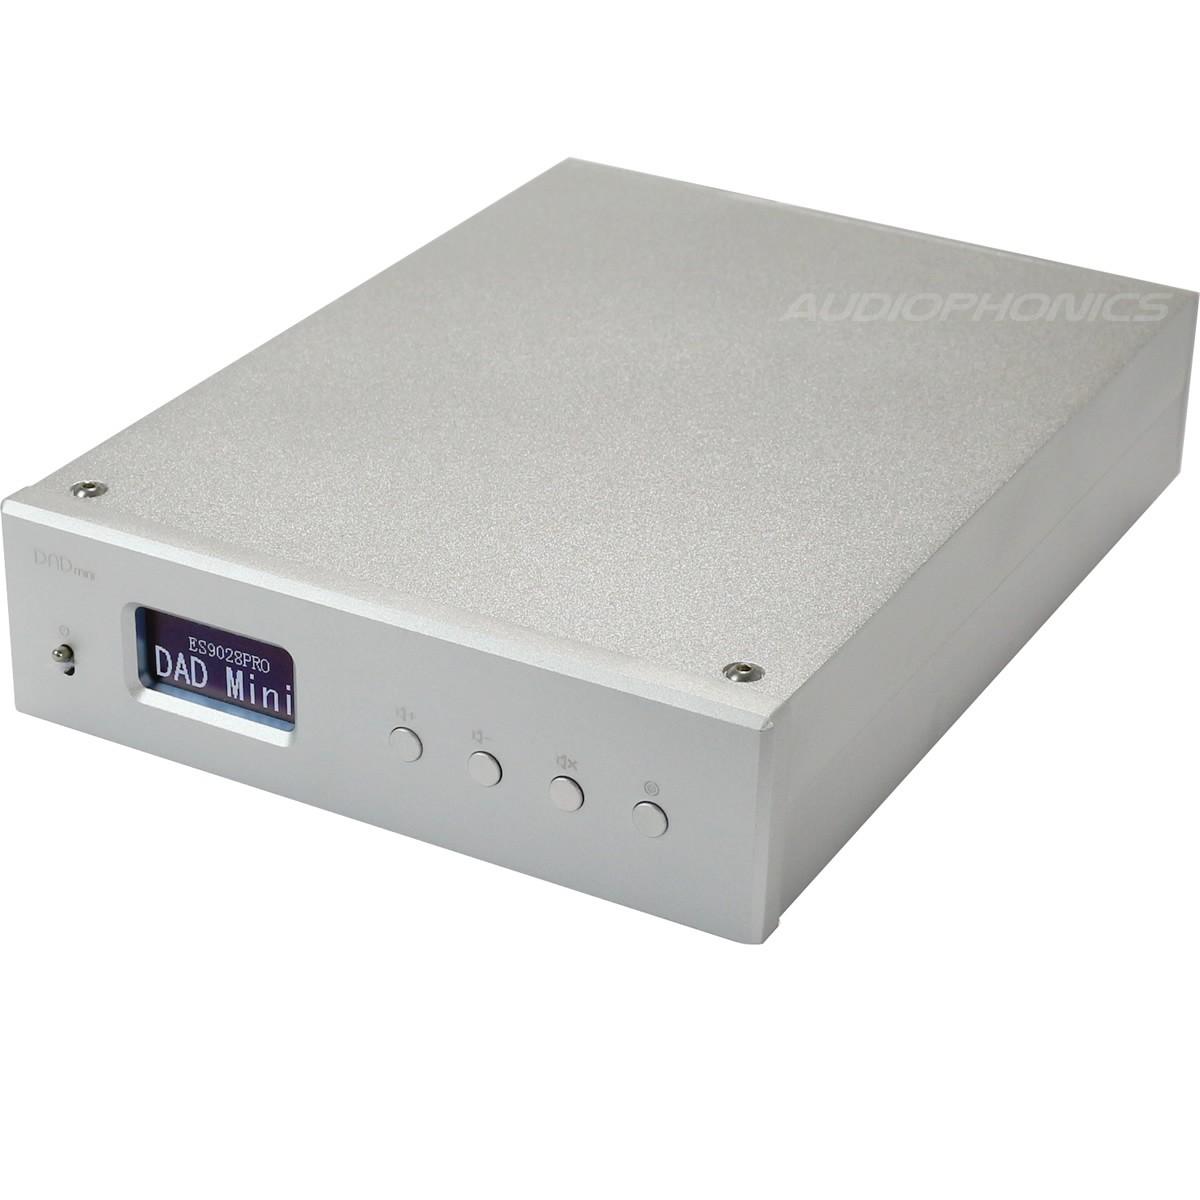 JA DAD MINI DAC USB ES9028 PRO symétrique XLR 32bit / 384kHz DSD 256 XMOS Argent